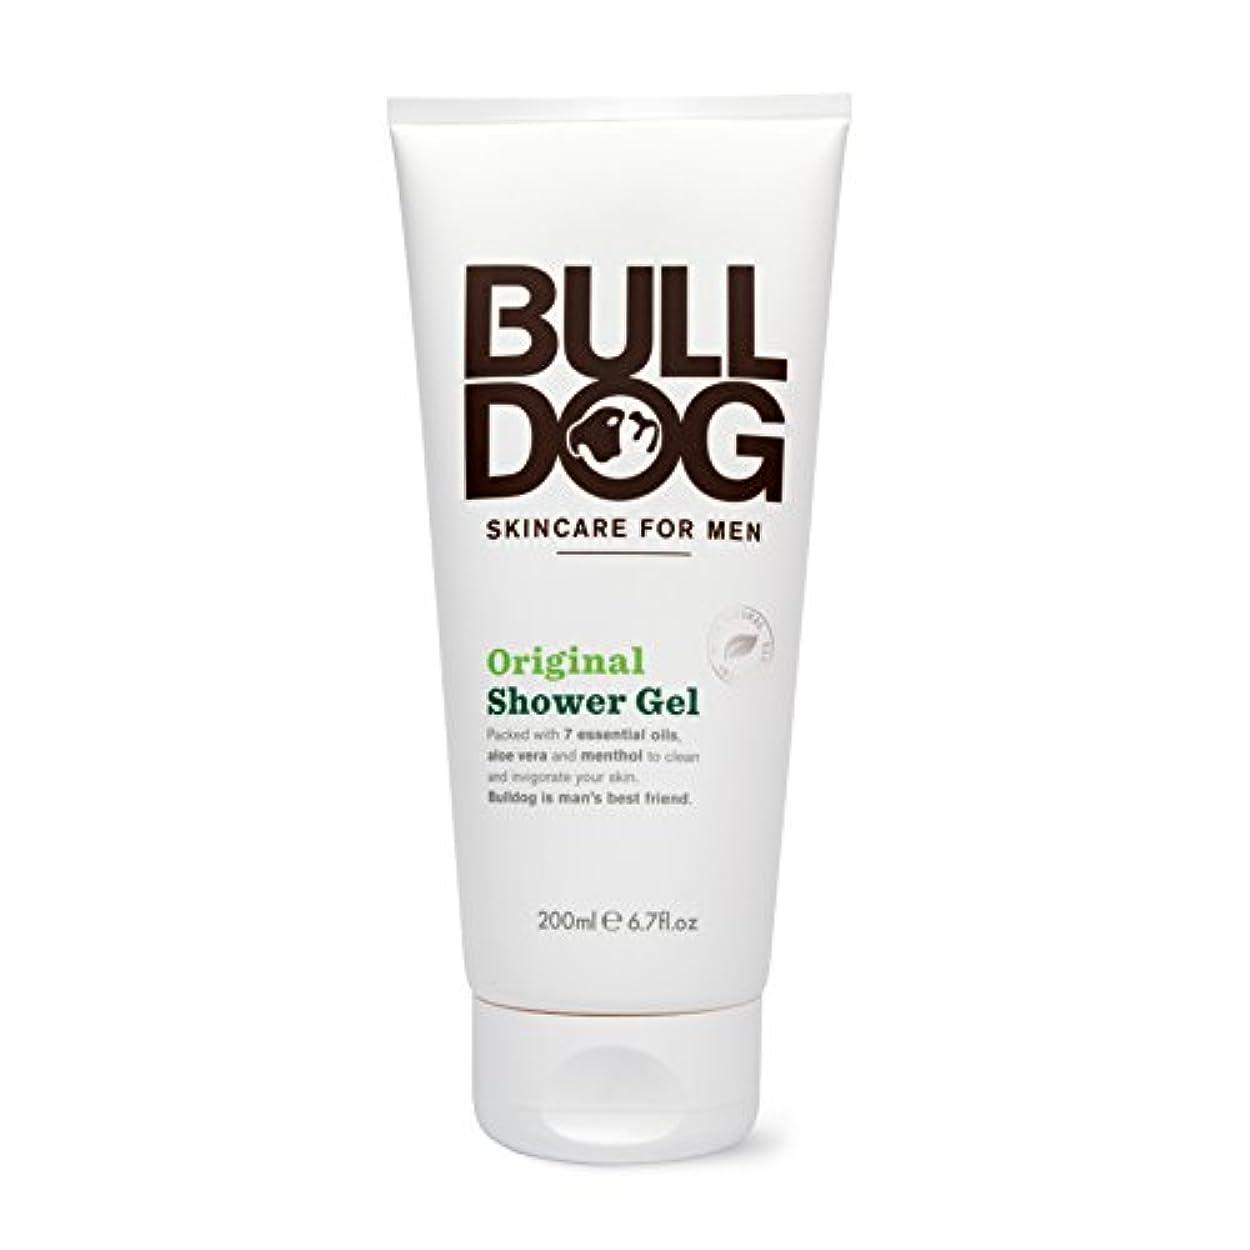 ベリー原子炉邪魔ブルドッグ Bulldog オリジナル シャワージェル(ボディ用洗浄料) 200mL